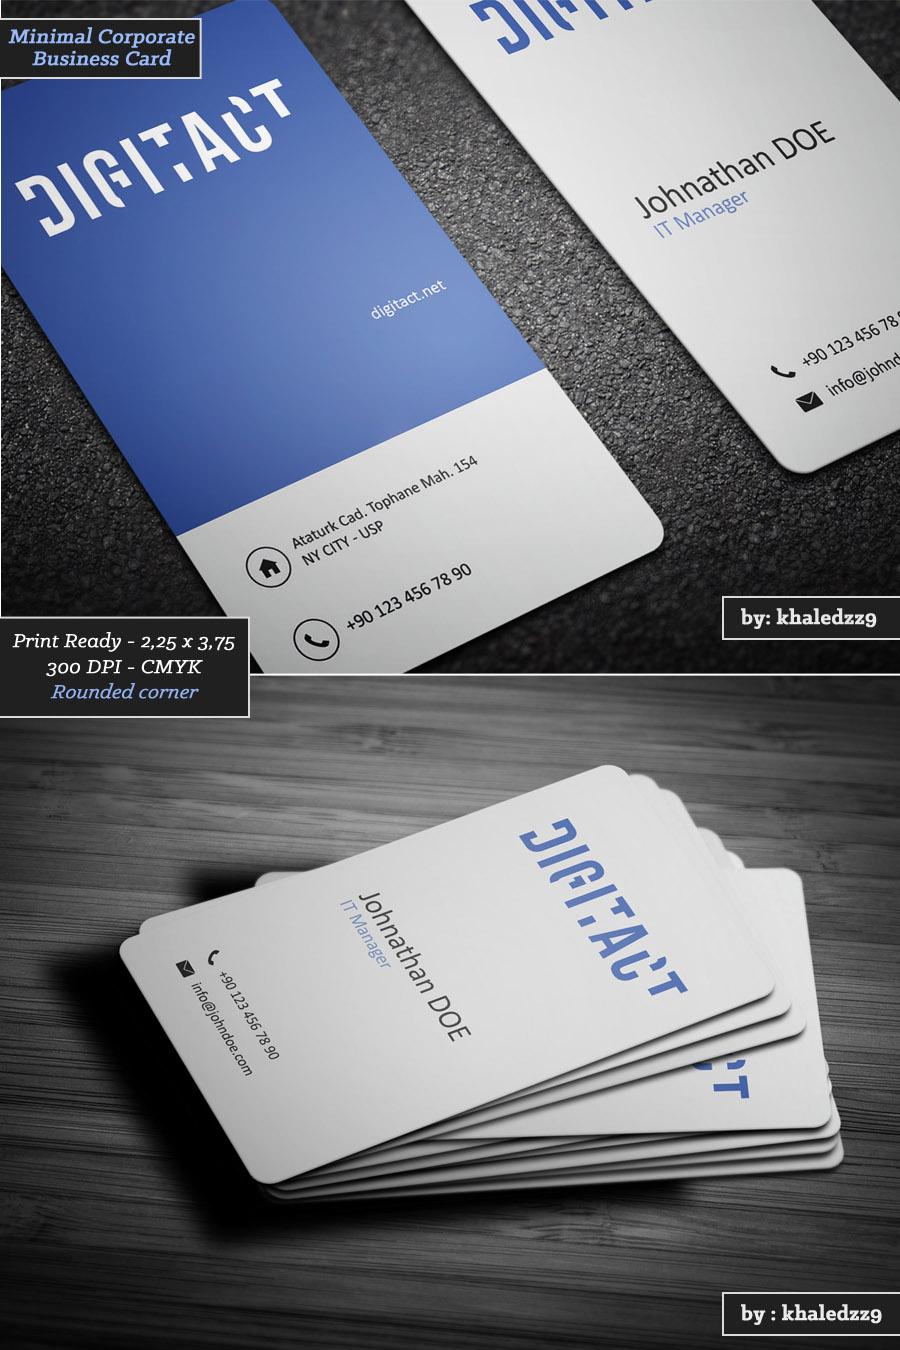 Minimal Corporate Business Card by khaledzz9